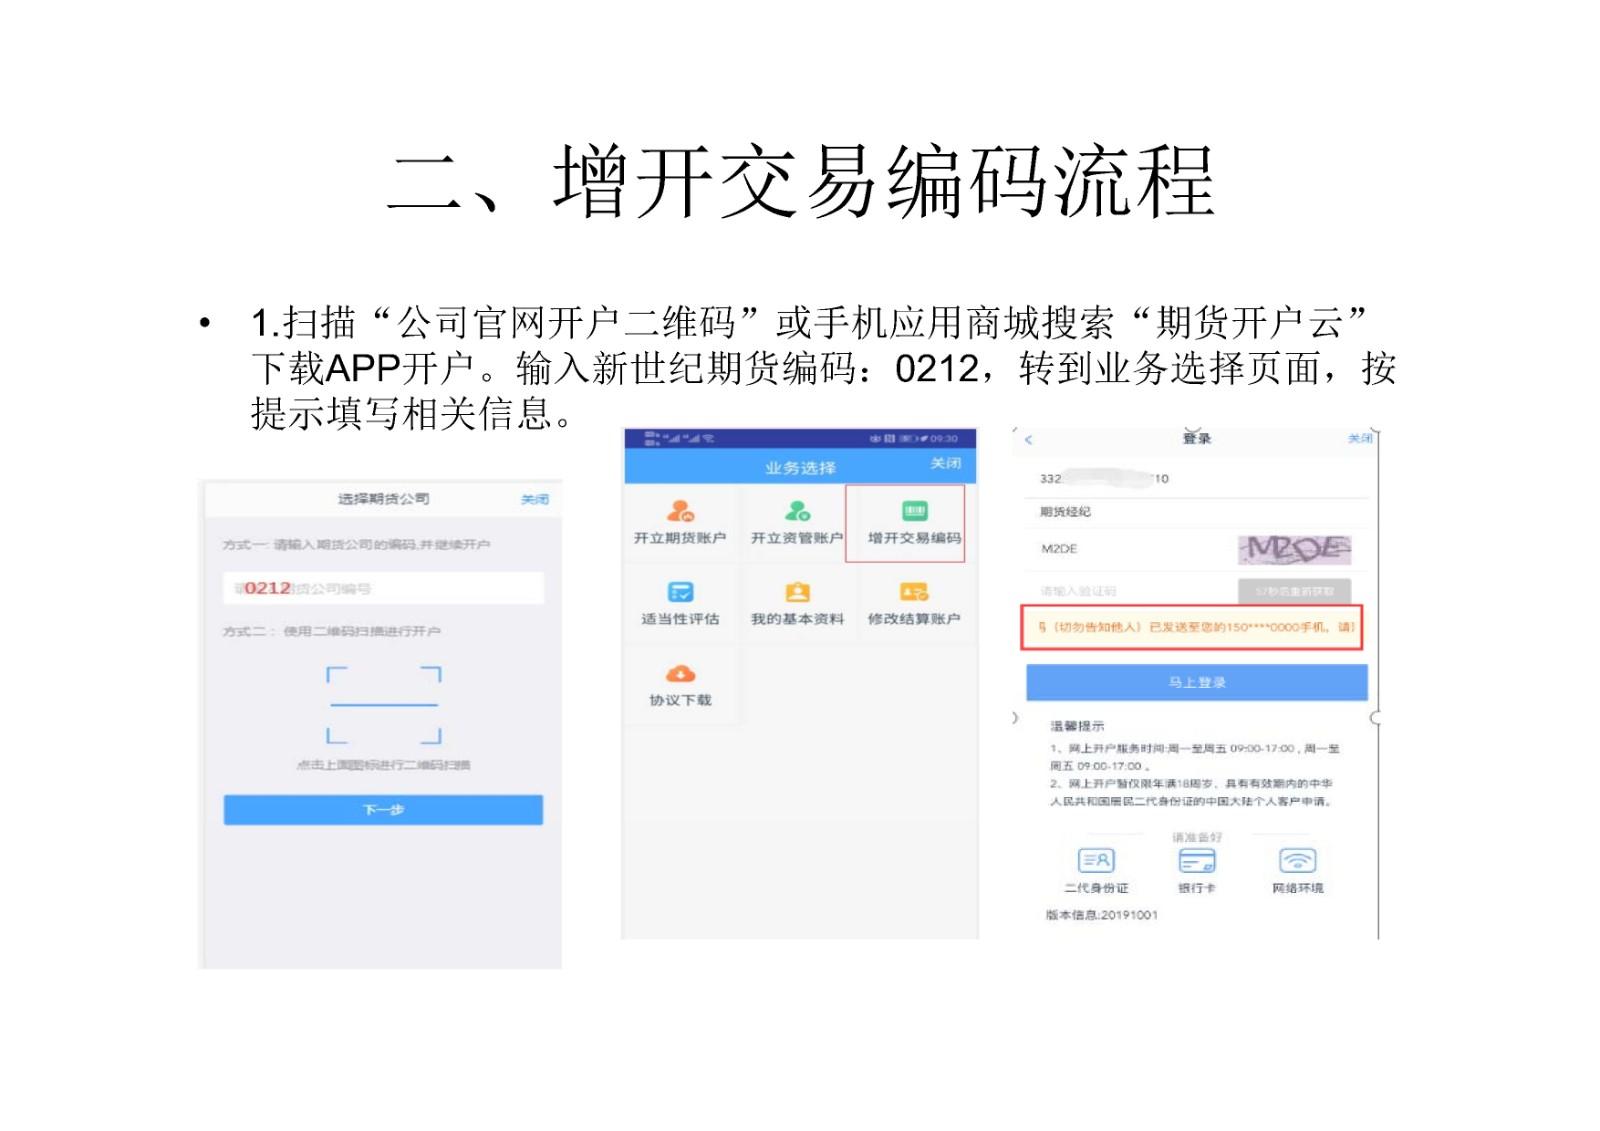 增开交易编码流程_Page3.jpg